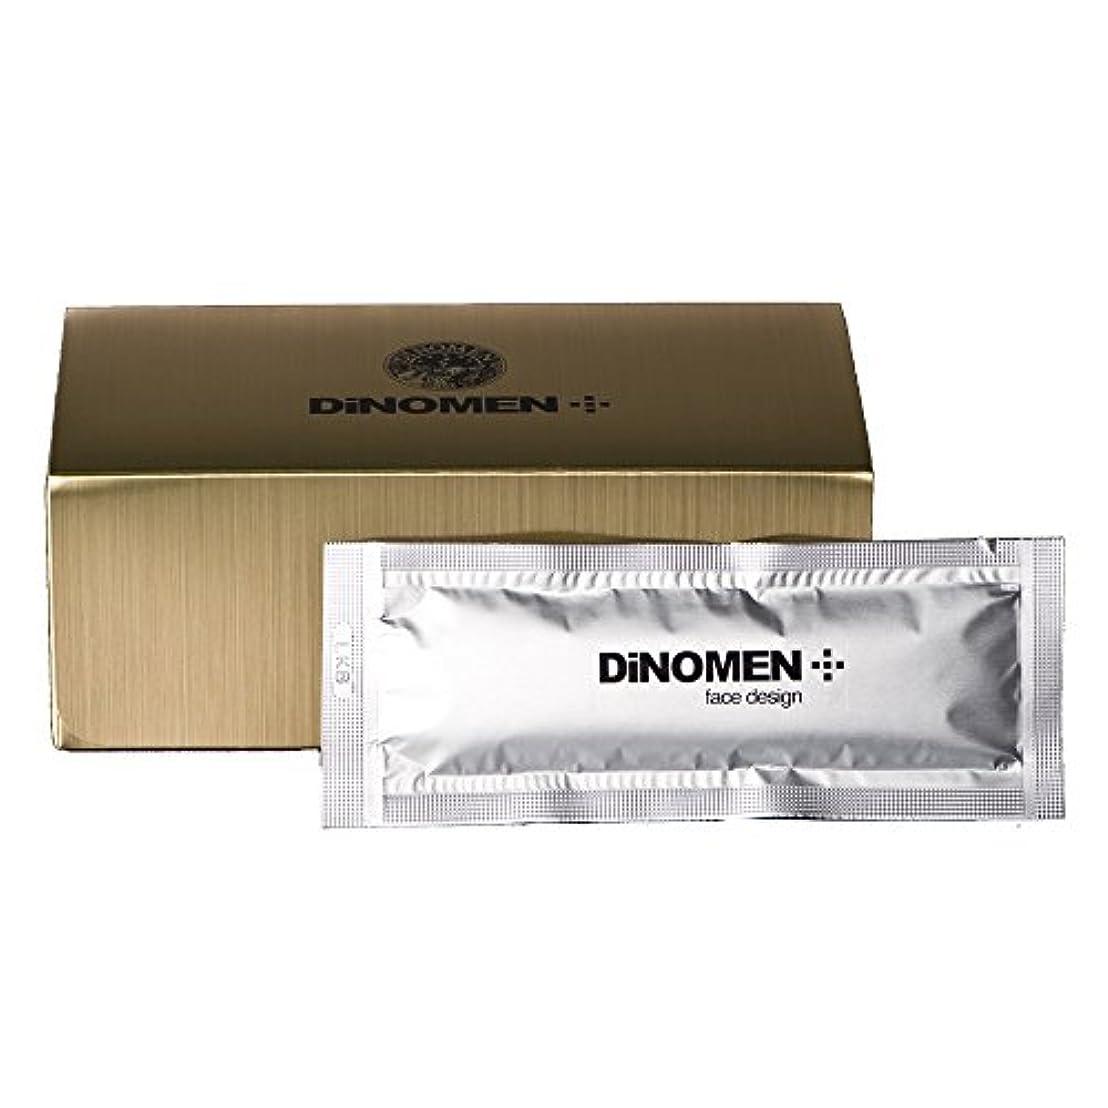 いらいらする定期的な促進するDiNOMEN バブリングジェル 10包入 炭酸発泡パック 男性化粧品